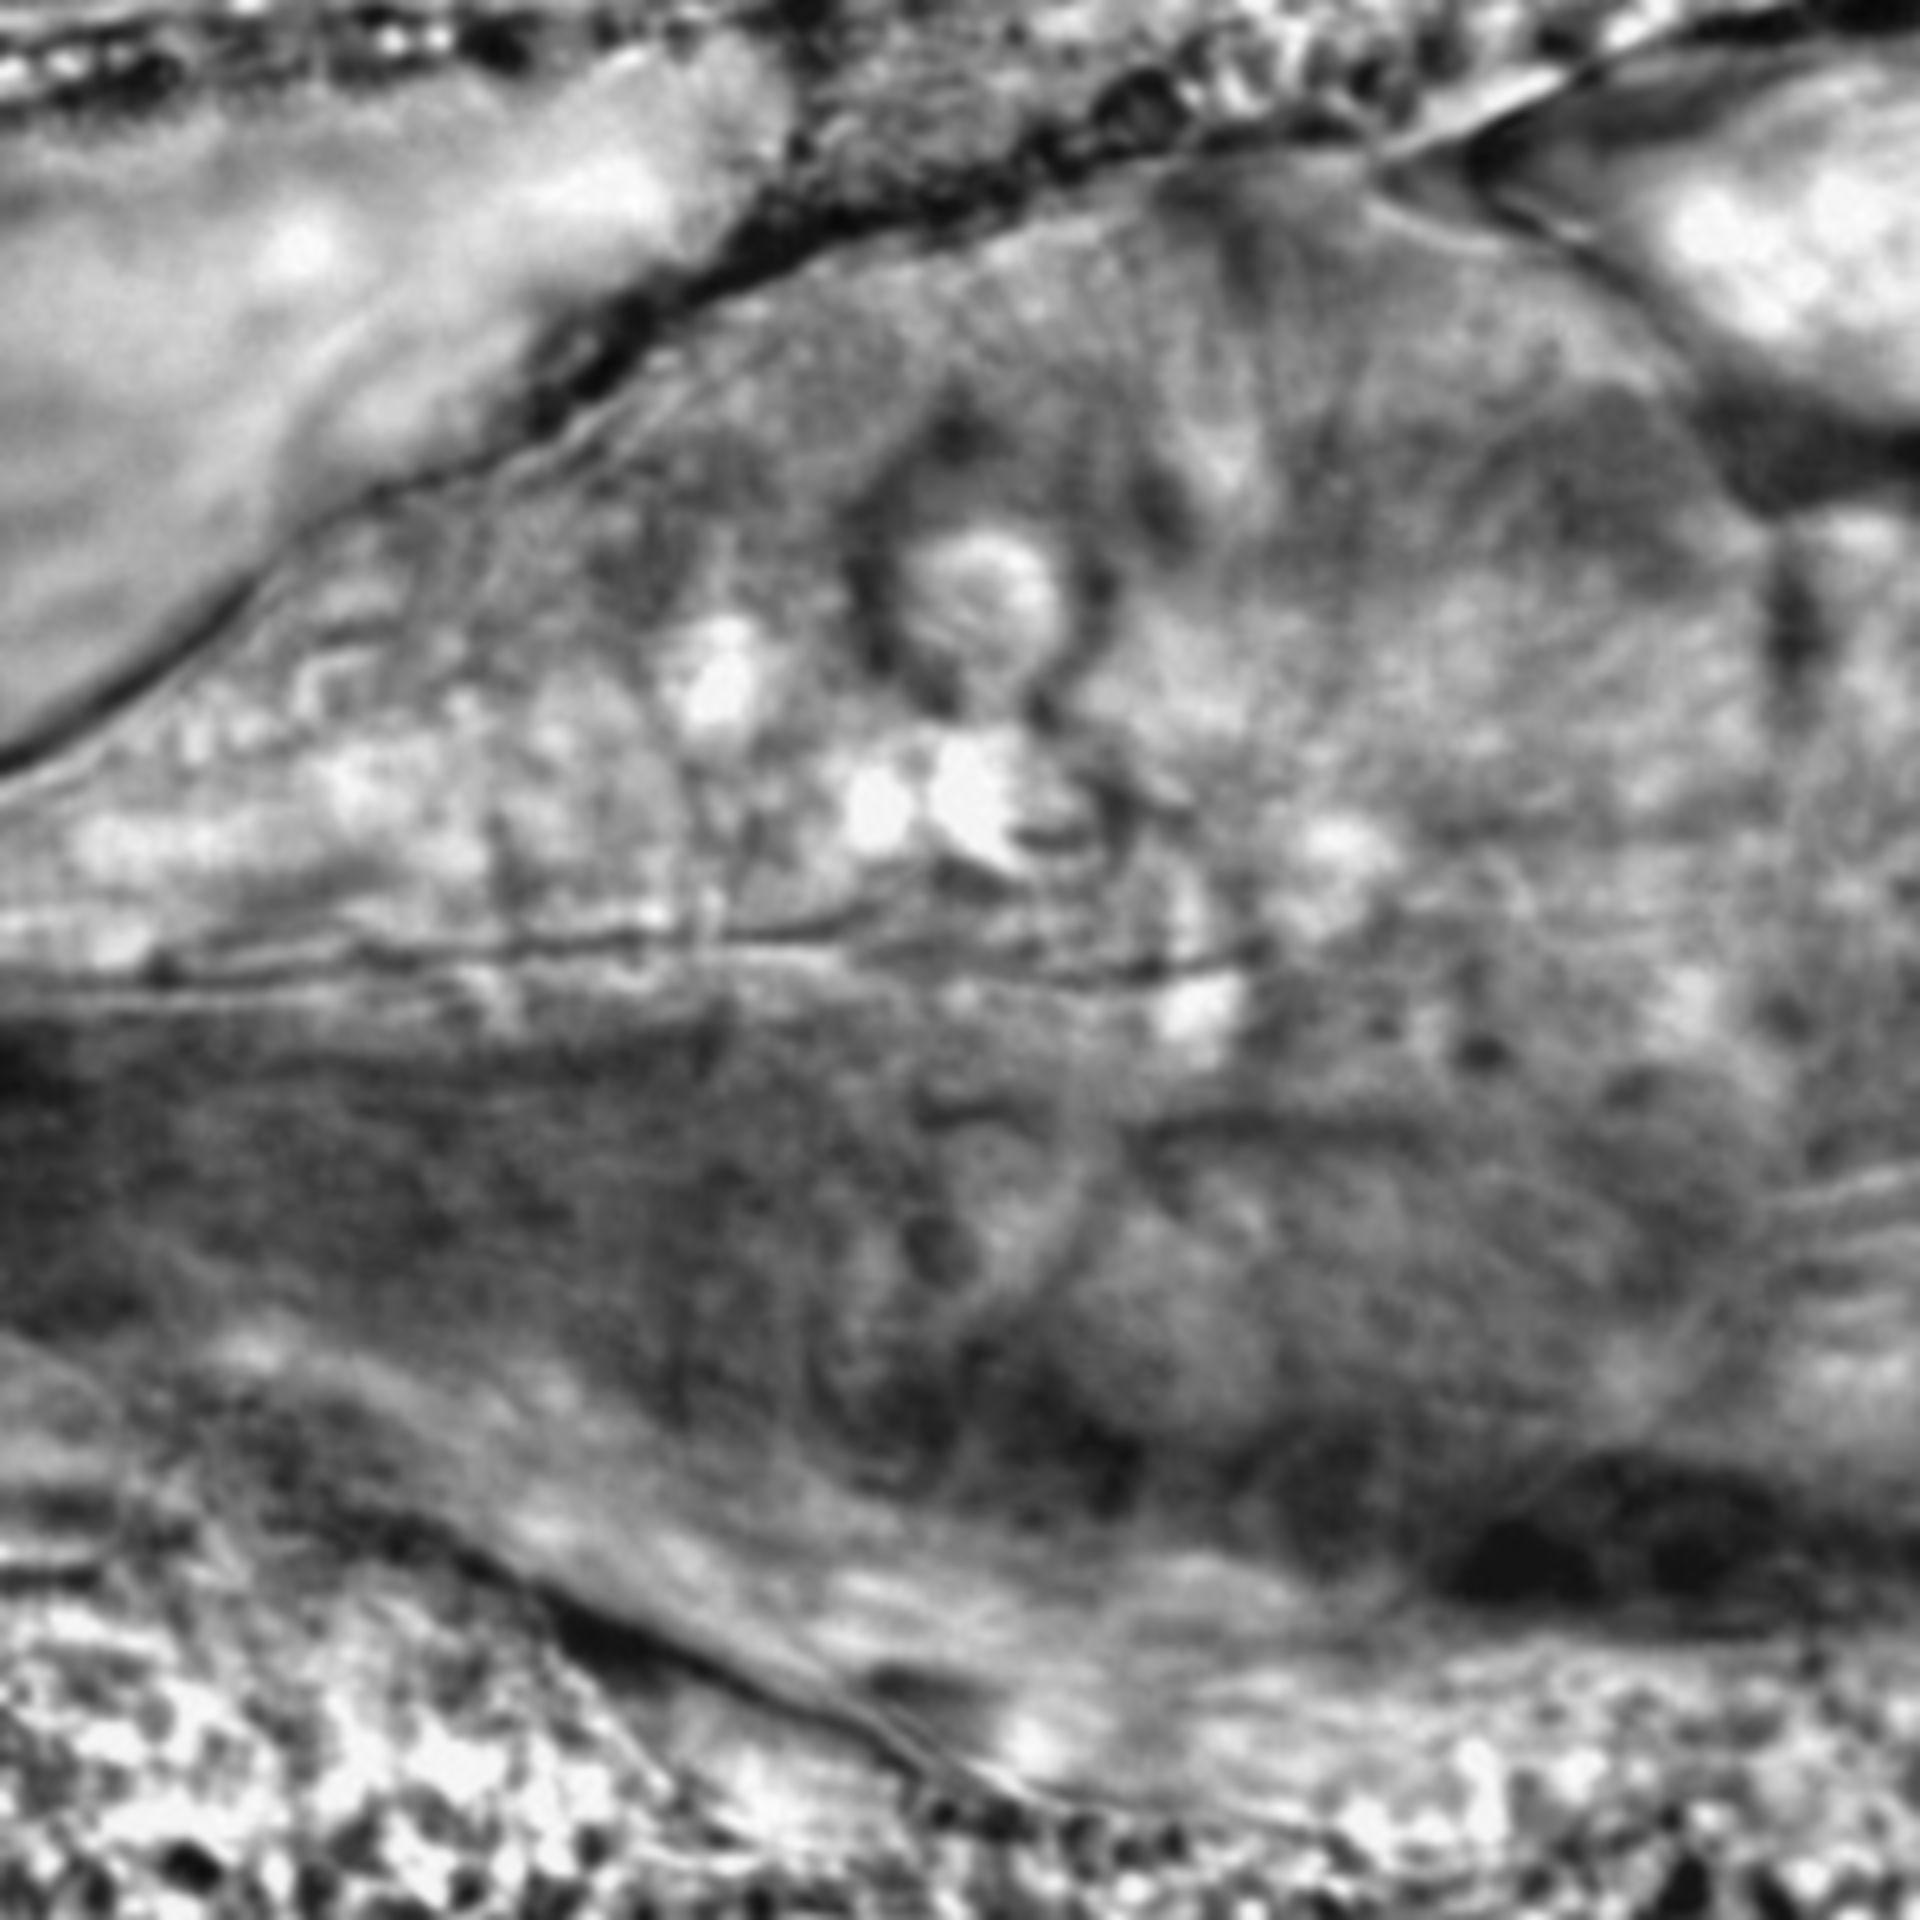 Caenorhabditis elegans - CIL:2810